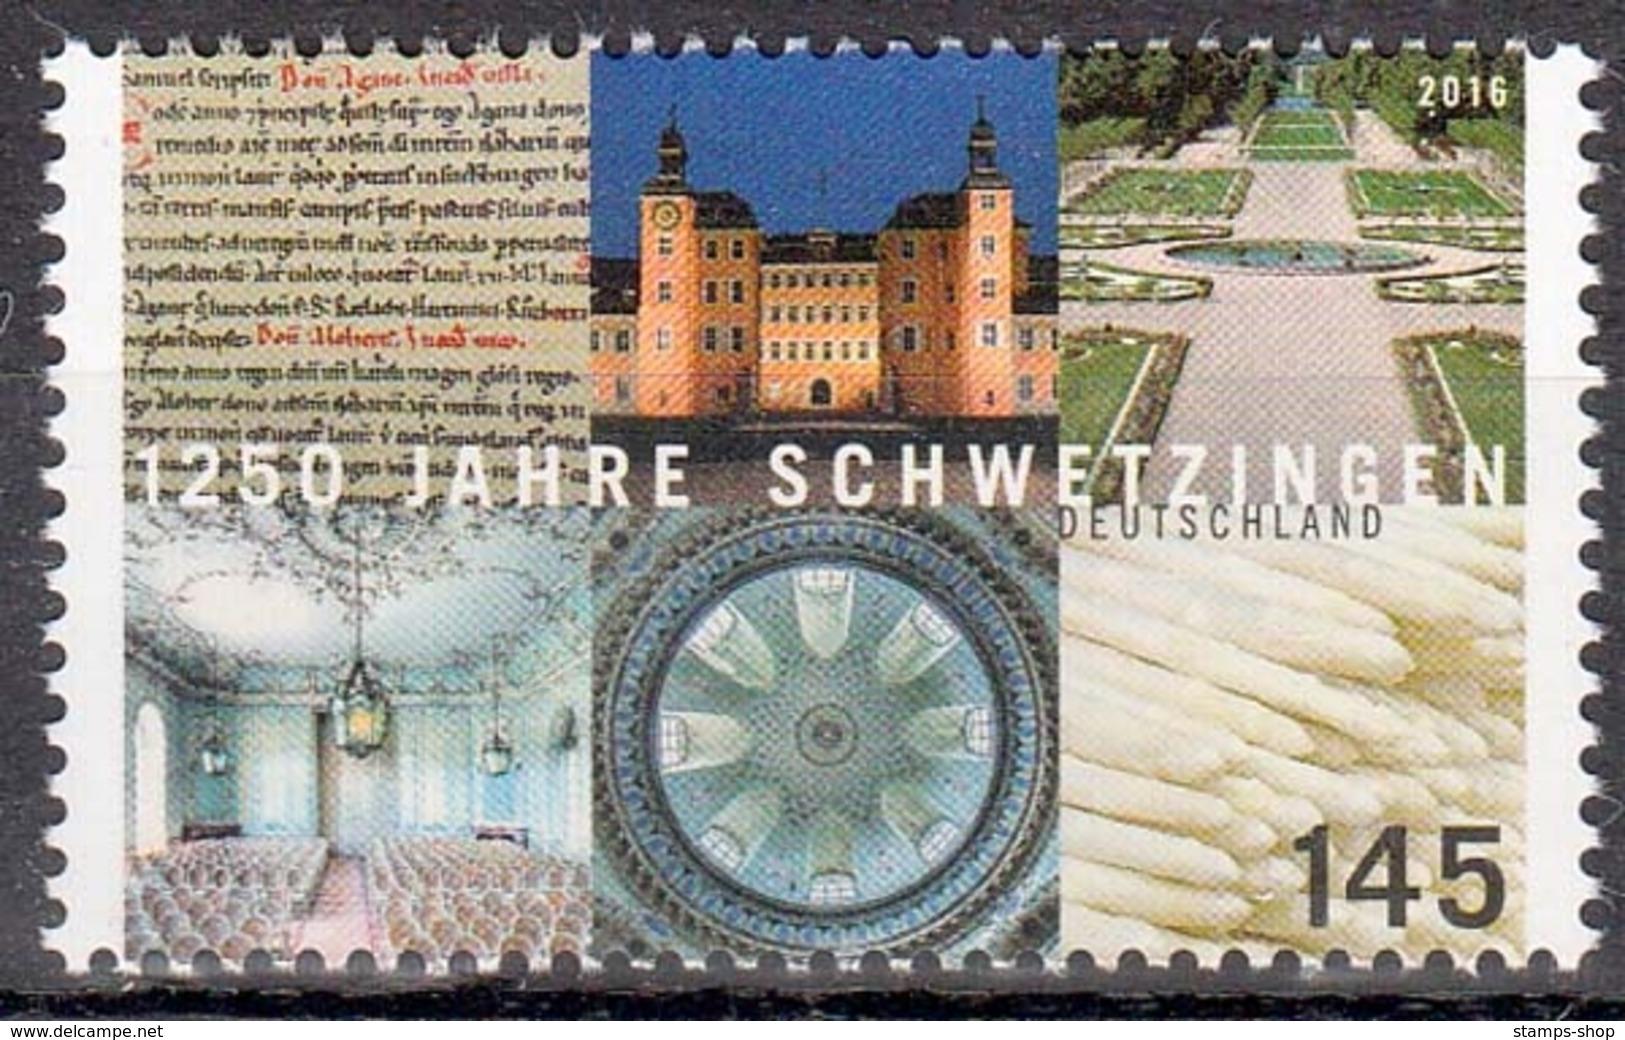 Bund MiNr. 3204 ** 1250 Jahre Schwetzingen - Unused Stamps